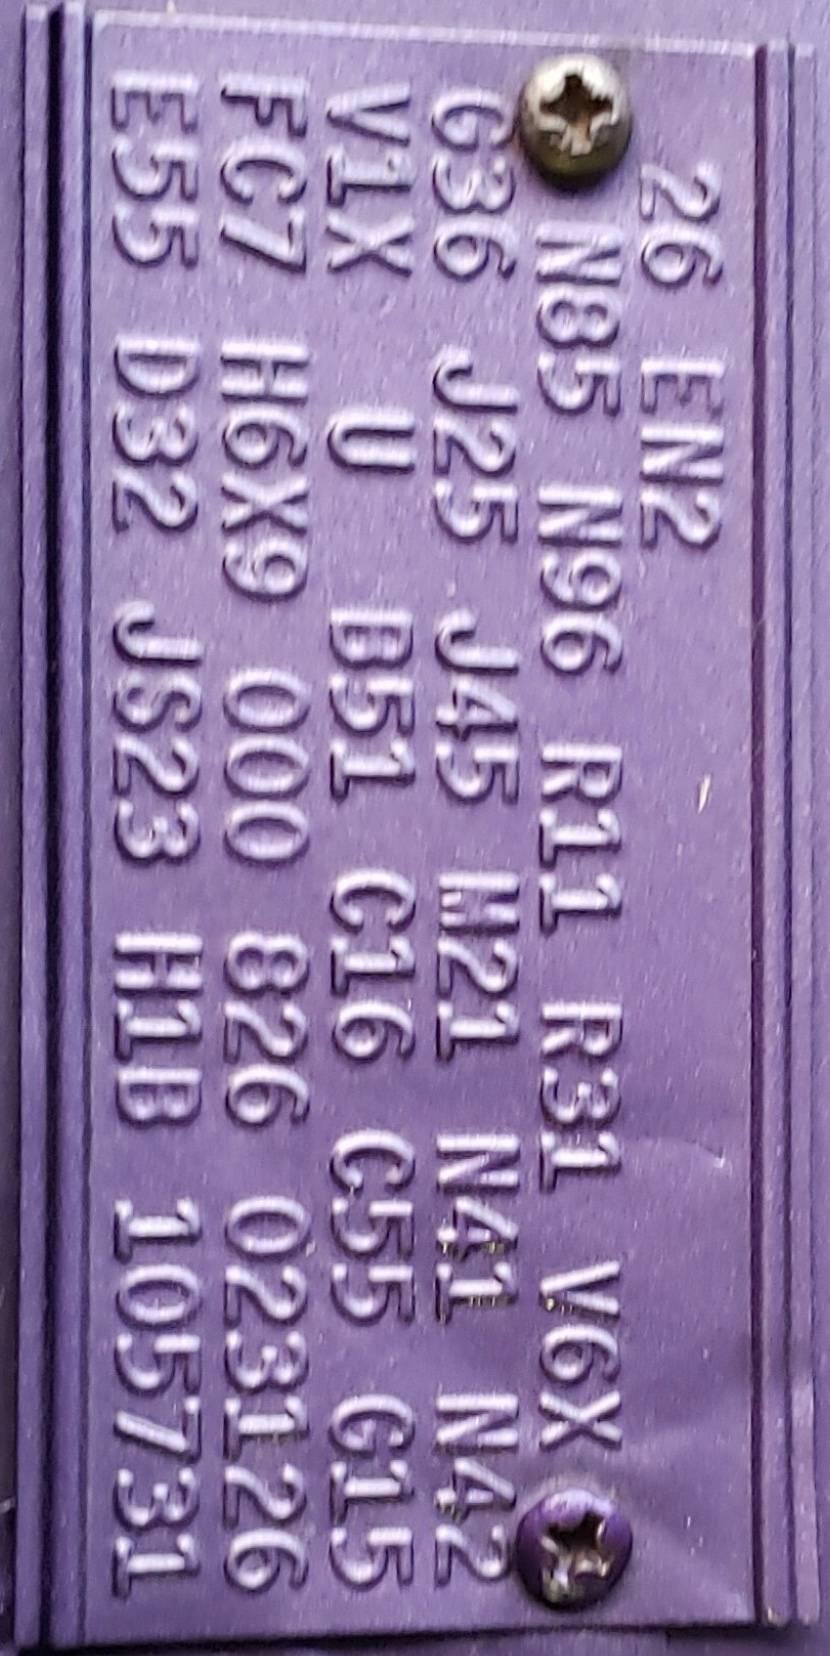 B0A2E49F-BC18-4FB0-9A92-C7F97747F112.jpeg